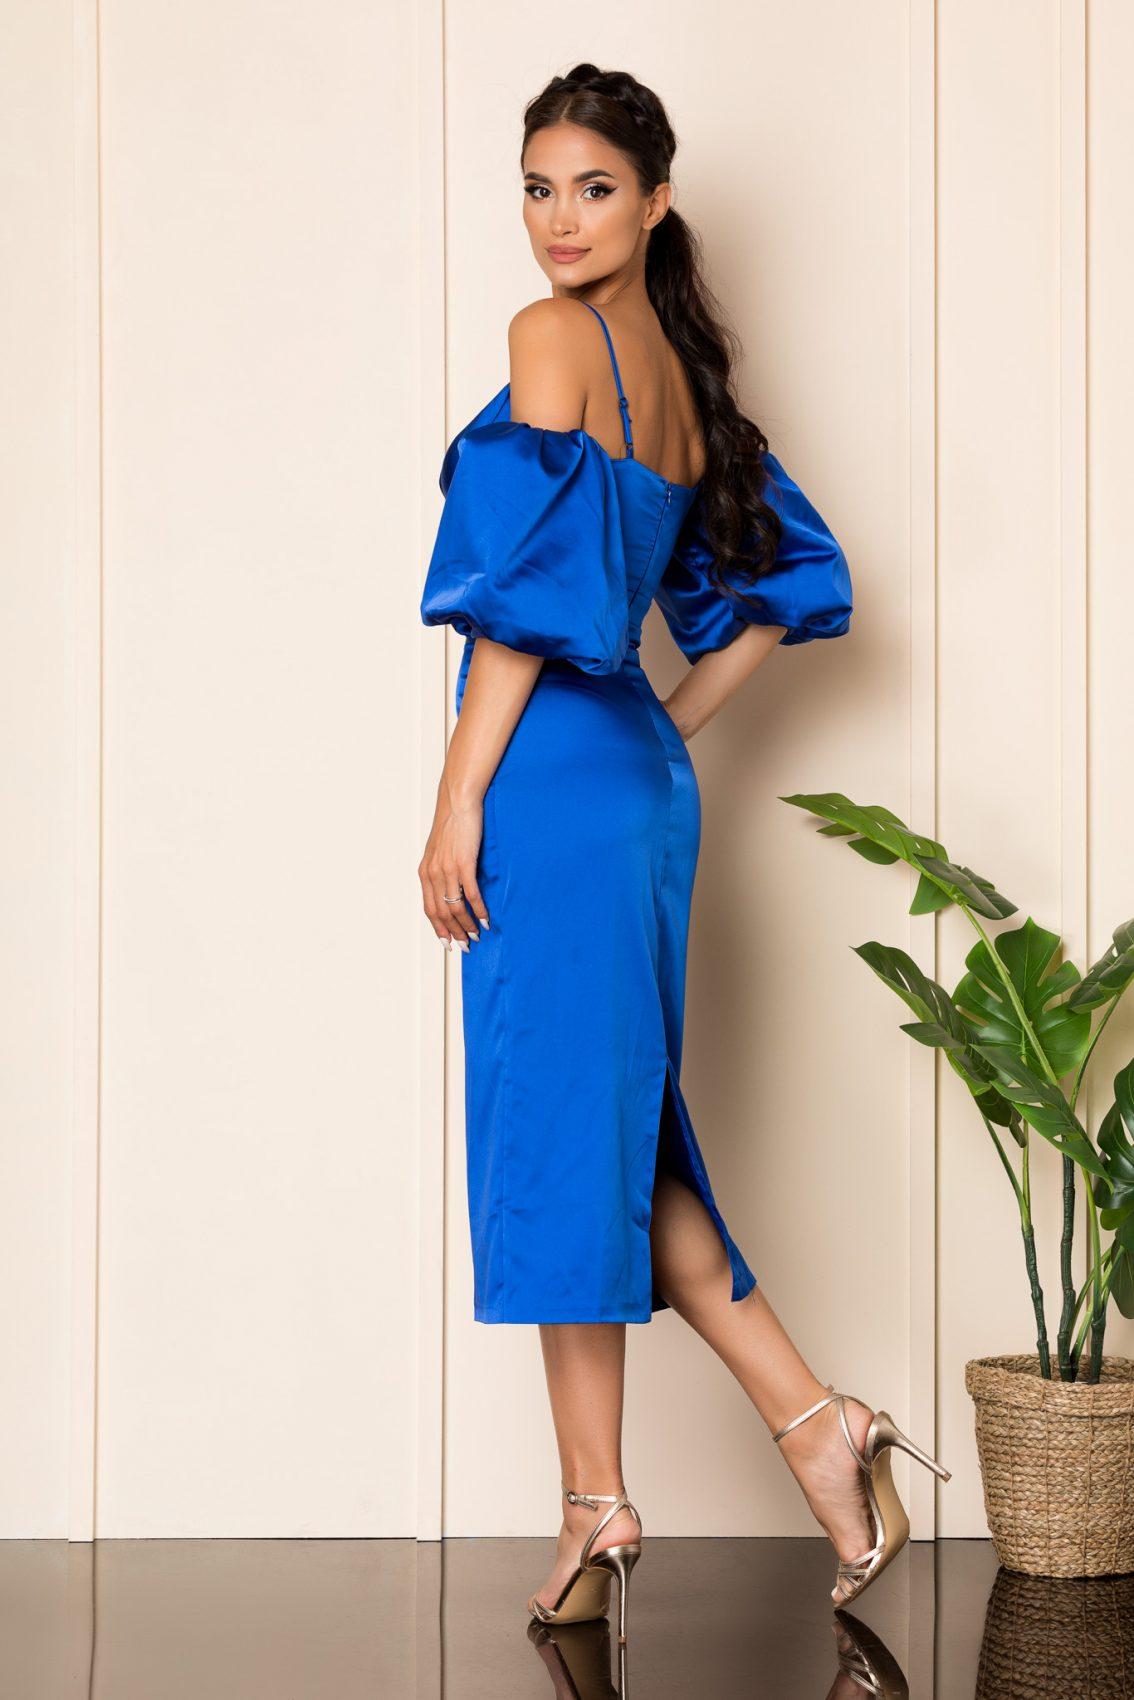 Μπλε Ρουά Σατέν Αμπιγιέ Φόρεμα Destiny A854 2